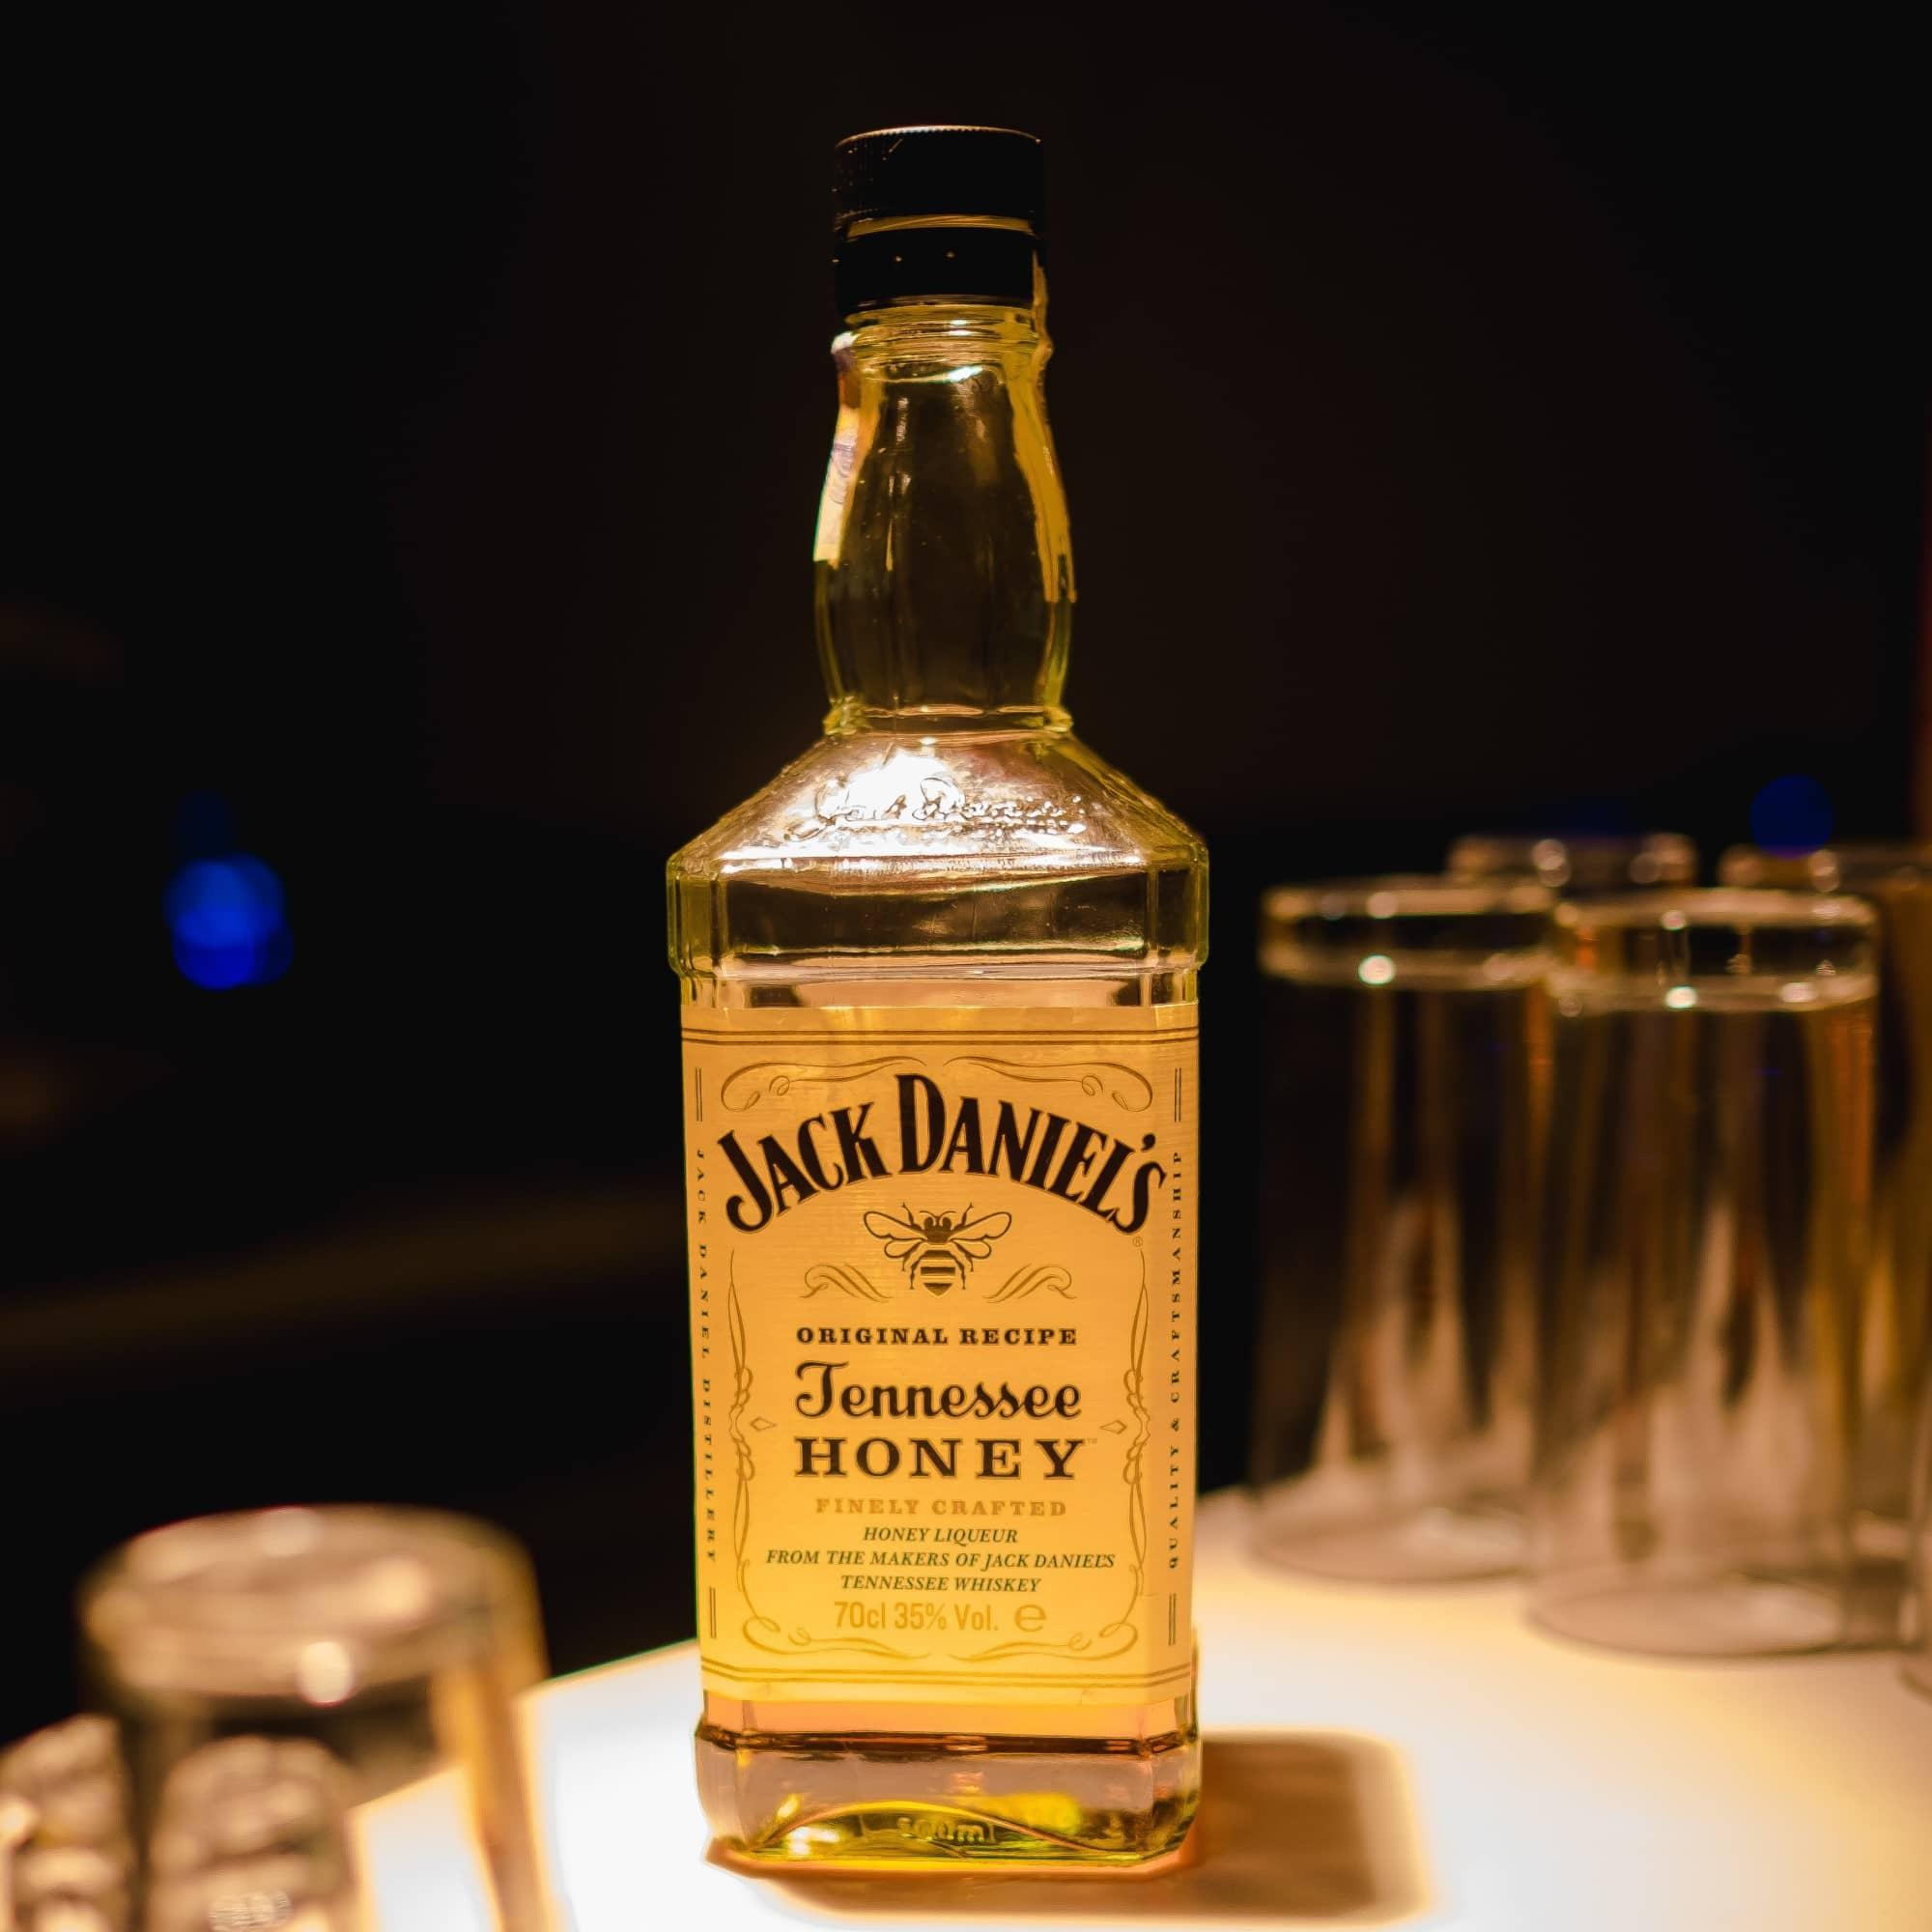 Bottle of Jack Daniels Honey